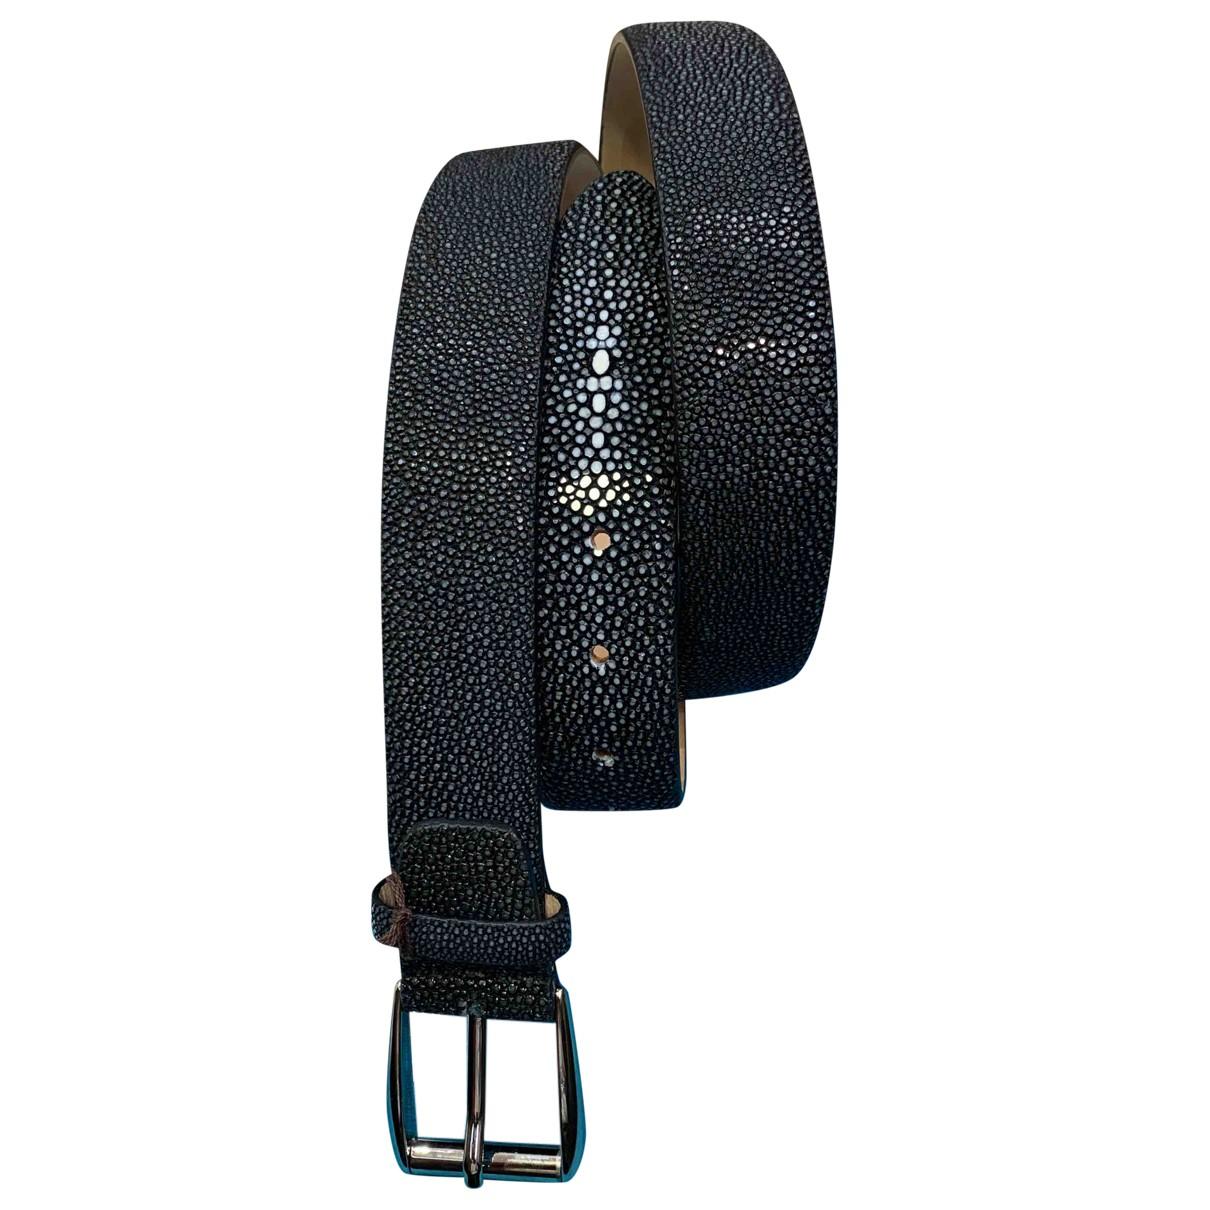 Cinturon de Raya Non Signe / Unsigned